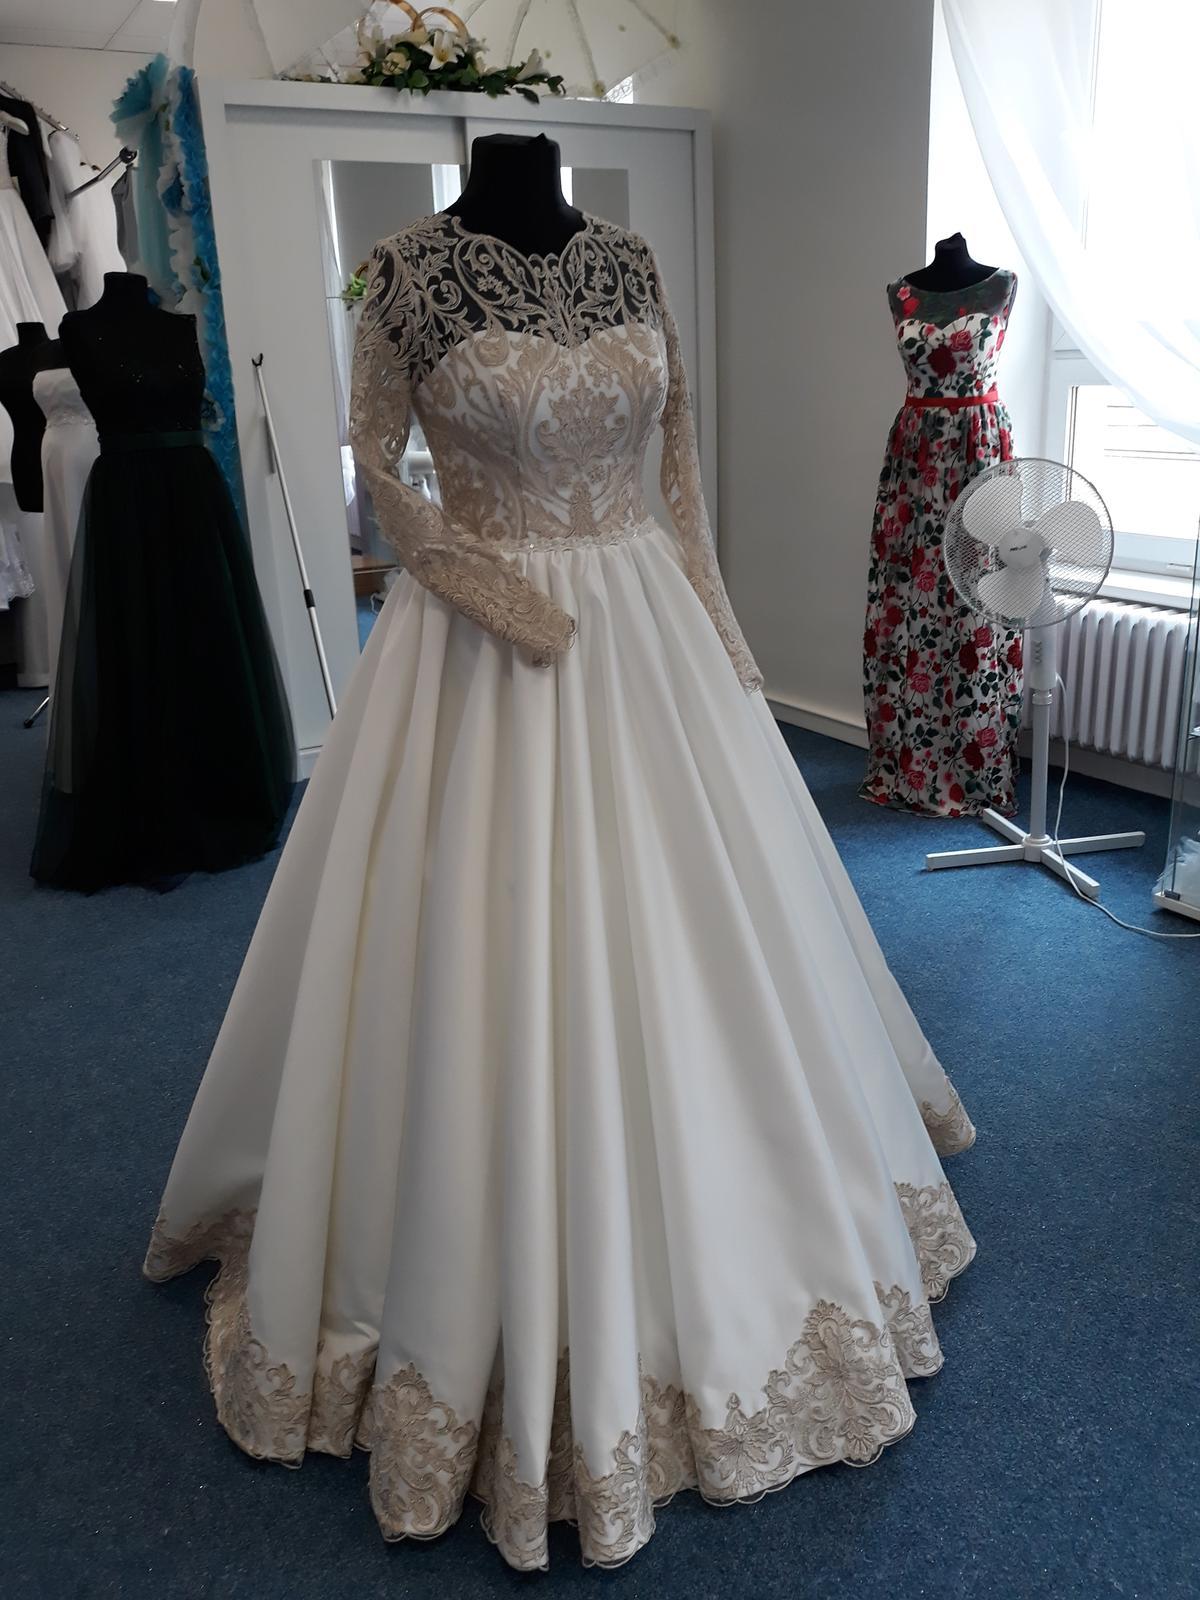 Svatební šaty  jen na objednání velikosti 36 až 42 - Obrázek č. 1